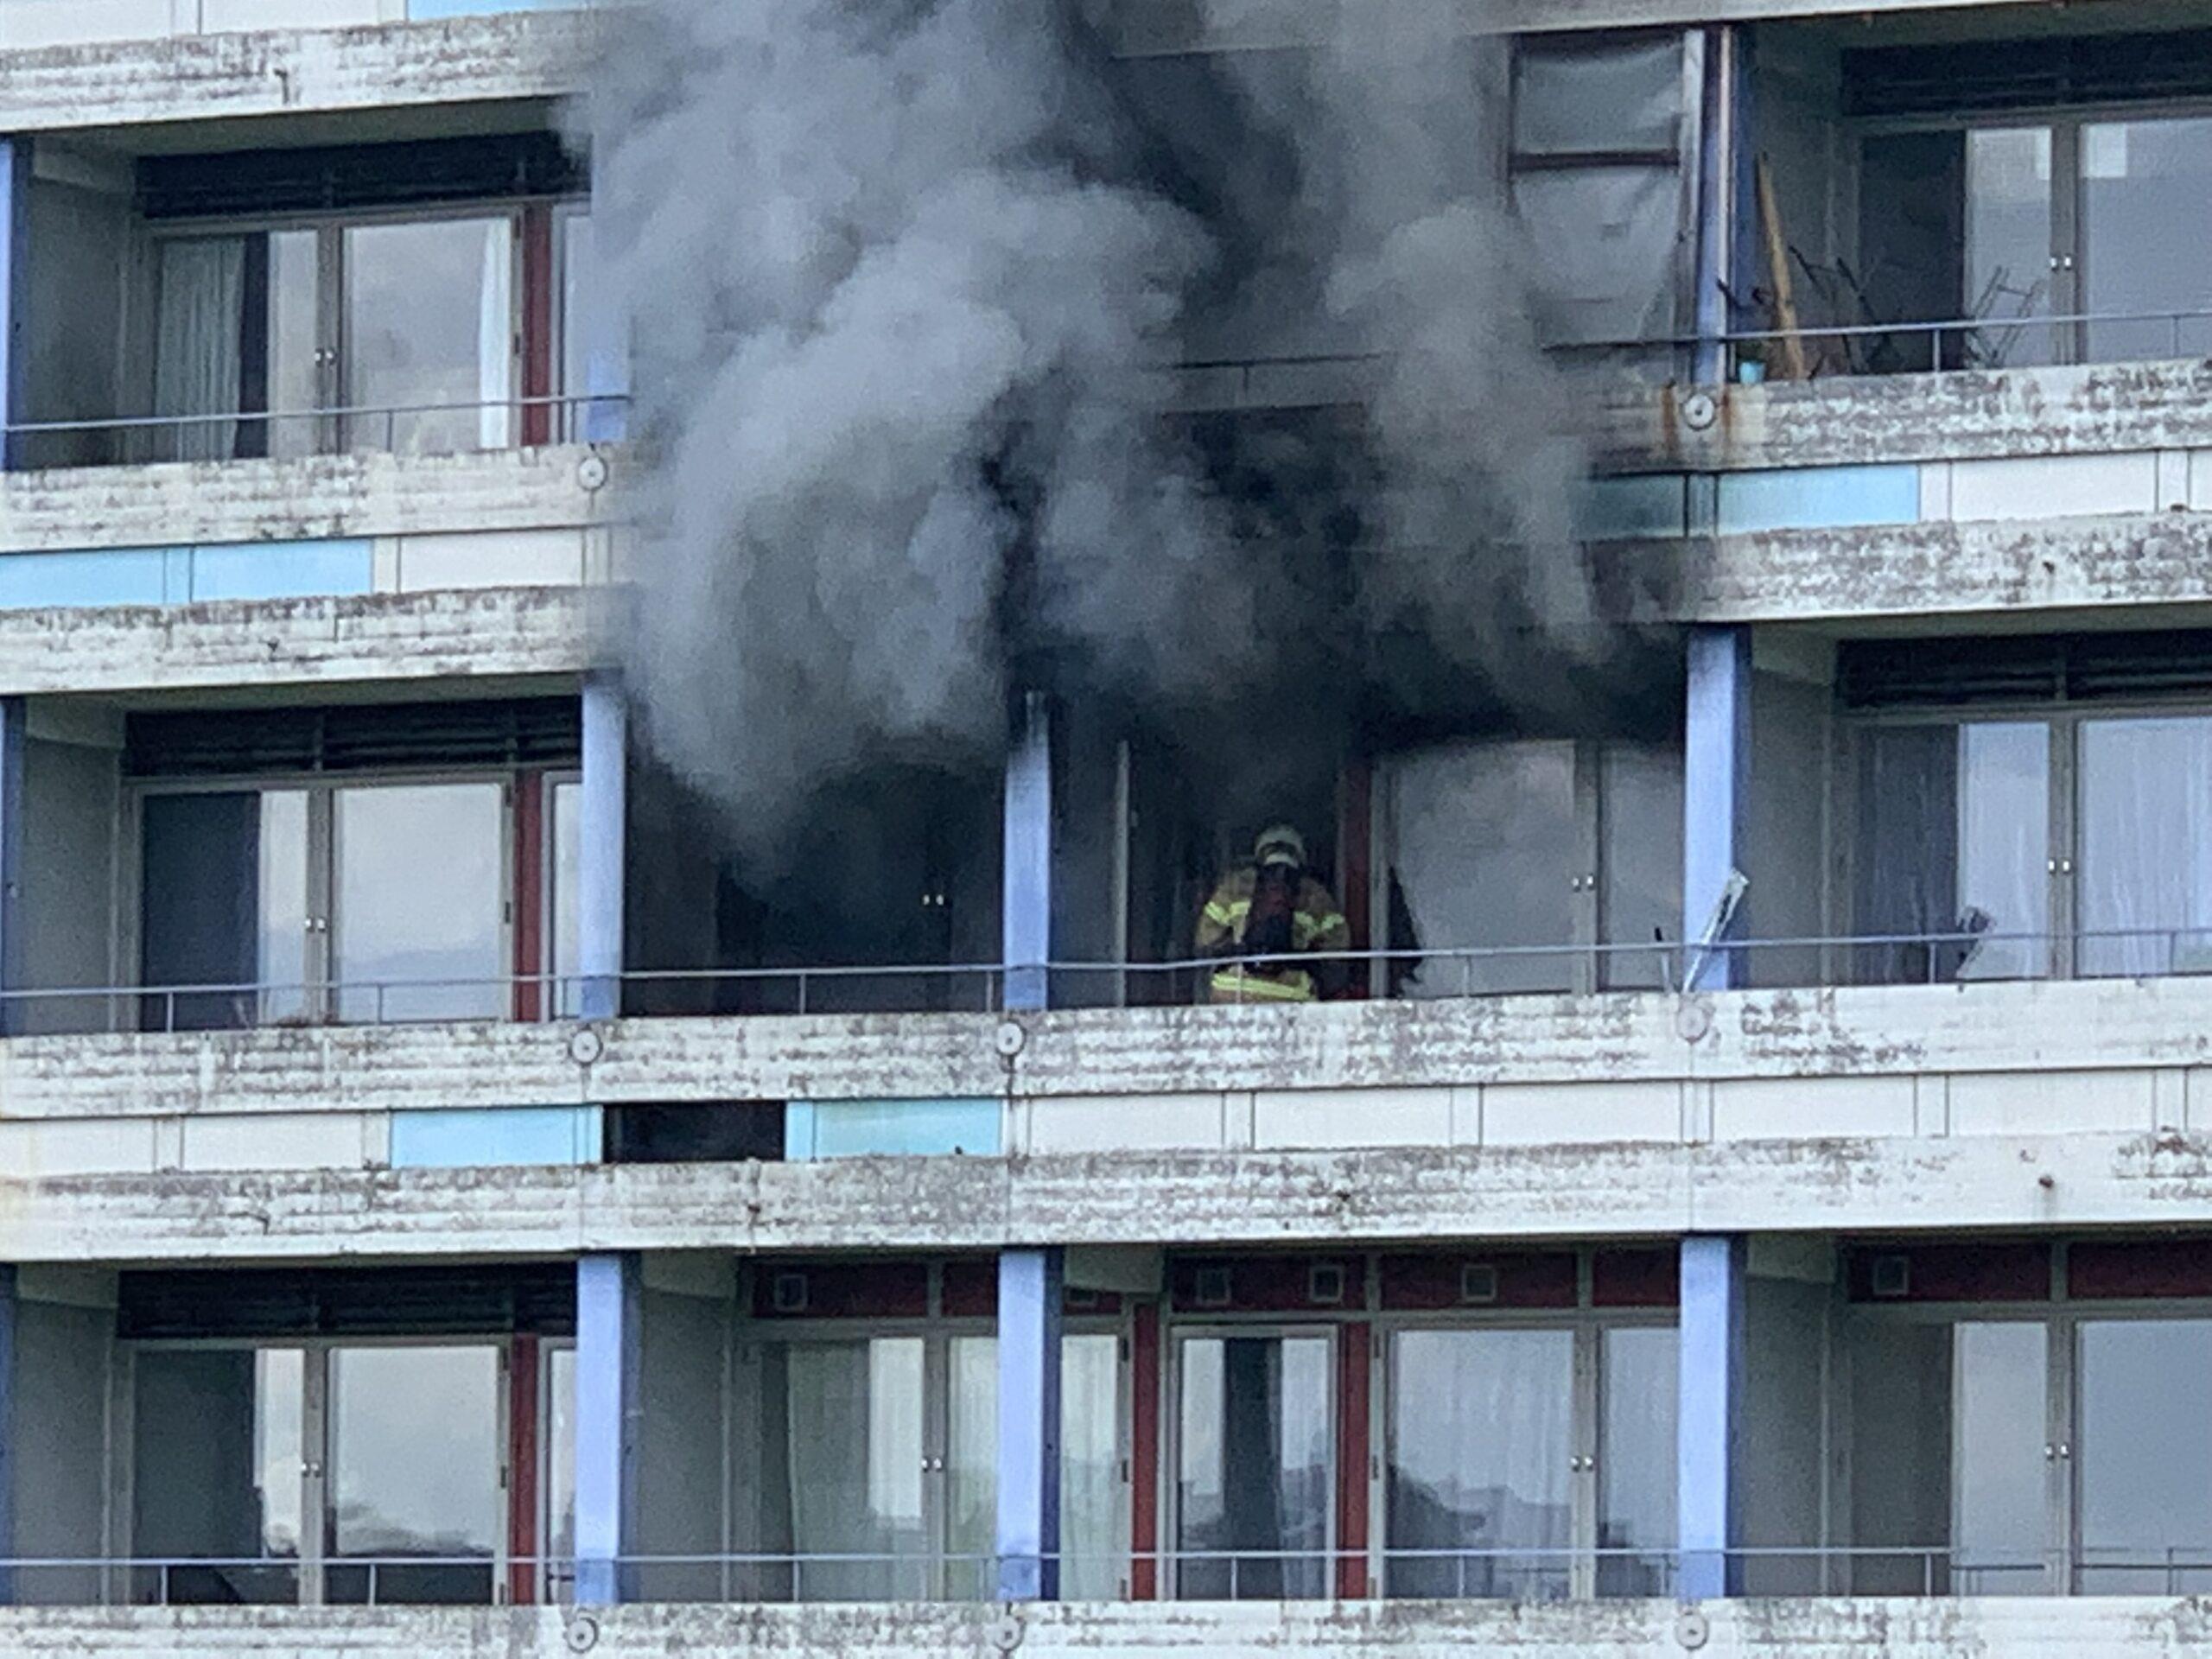 Voldsom lejlighedsbrand i Gellerupparken - Aarhus